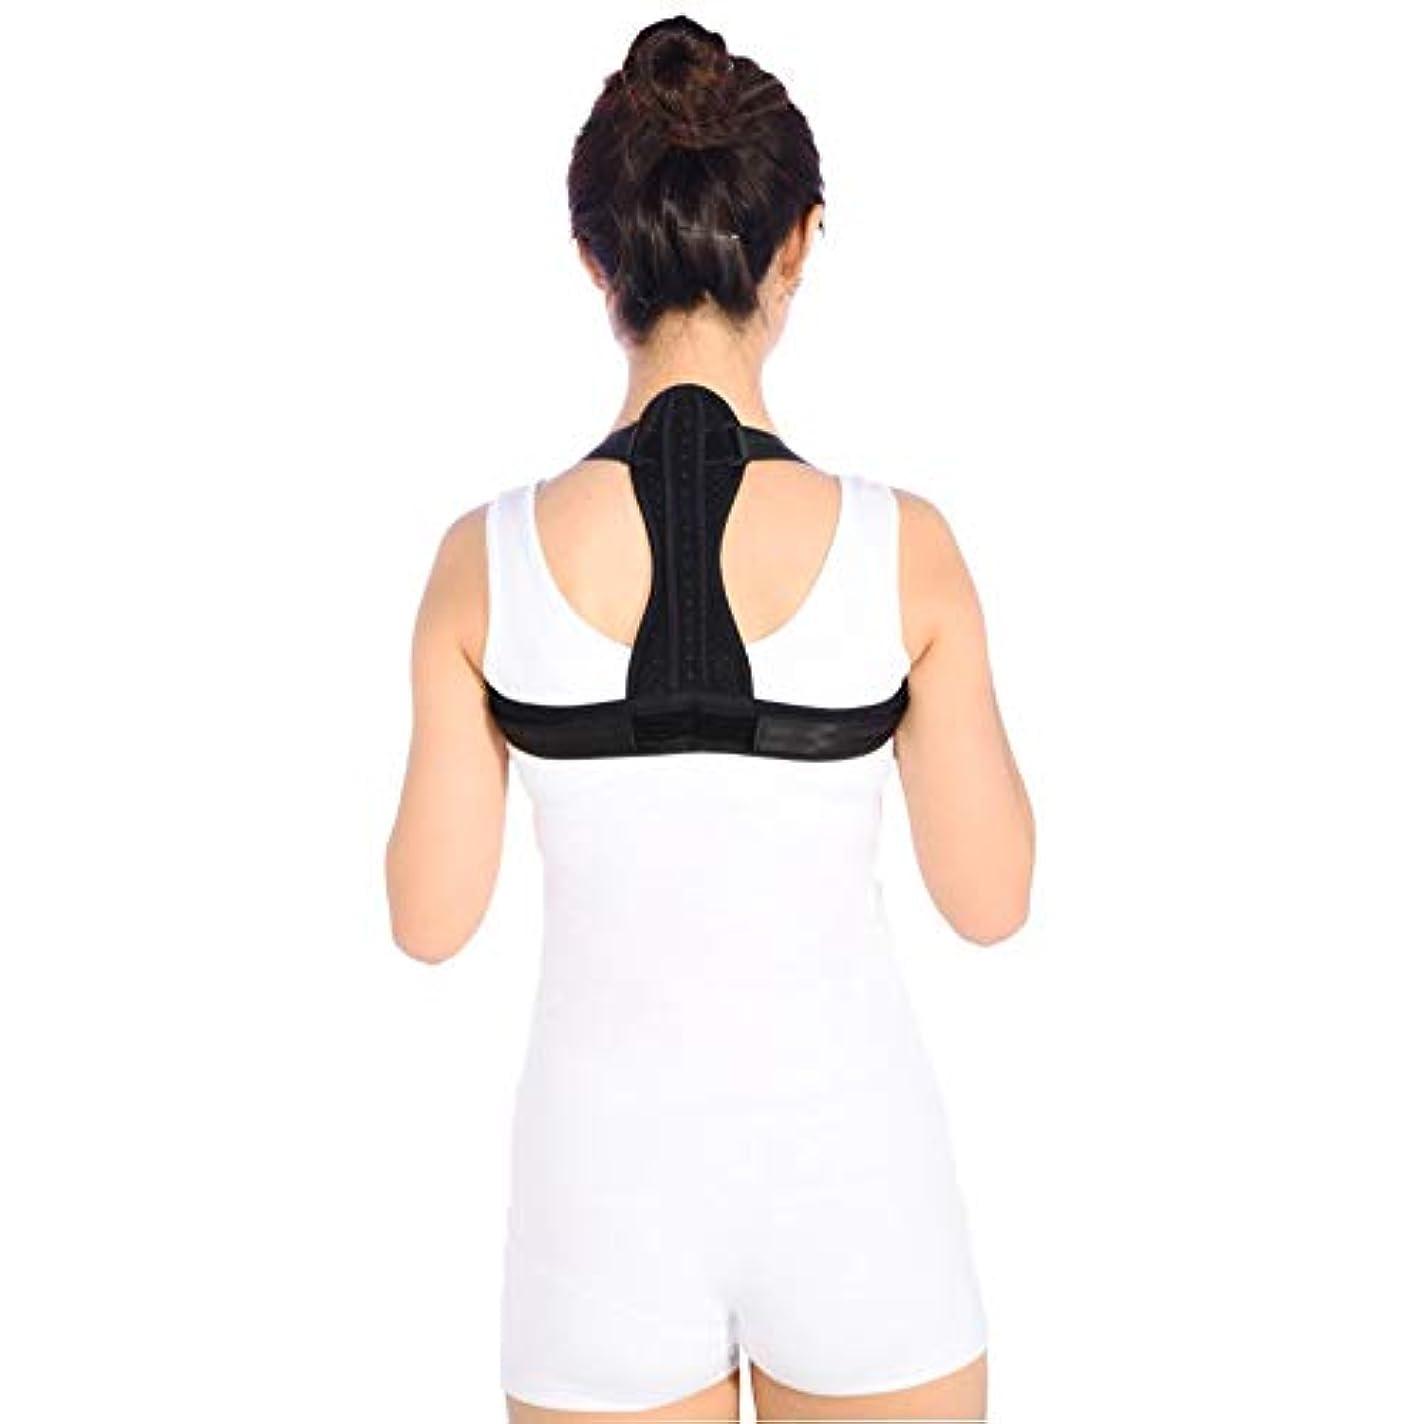 ディーラー作曲家火山学者通気性の脊柱側弯症ザトウクジラ補正ベルト調節可能な快適さ目に見えないベルト男性女性大人学生子供 - 黒